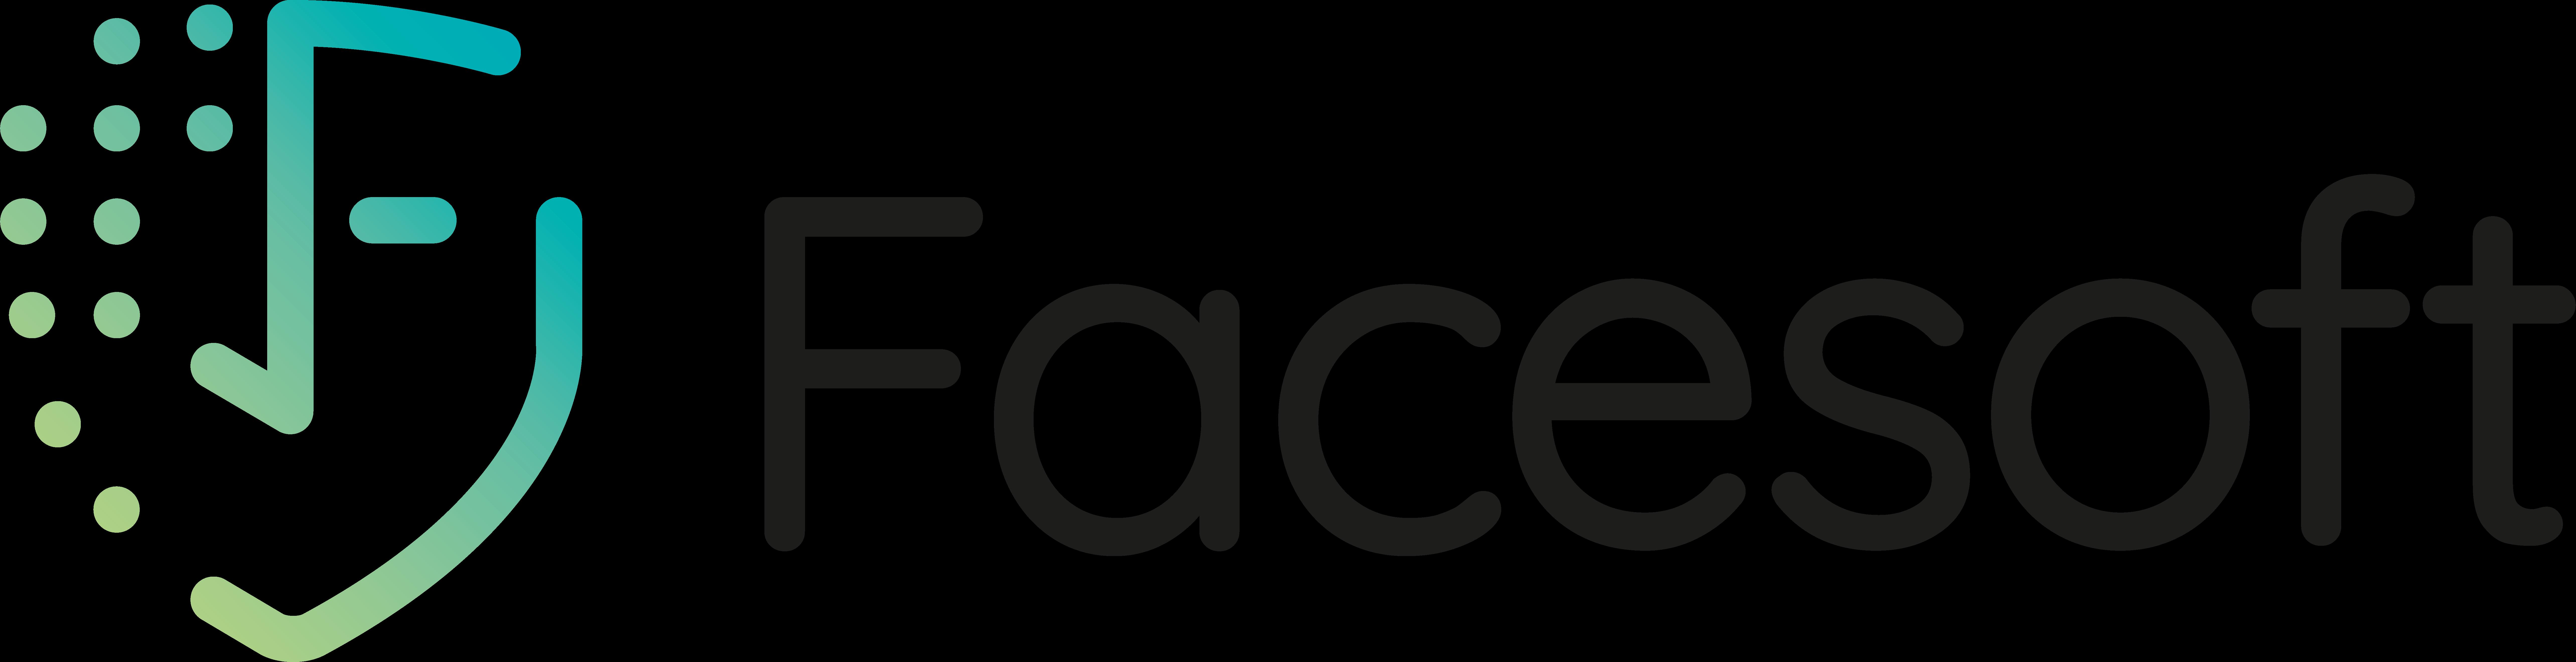 Start-Up: Facesoft Ltd